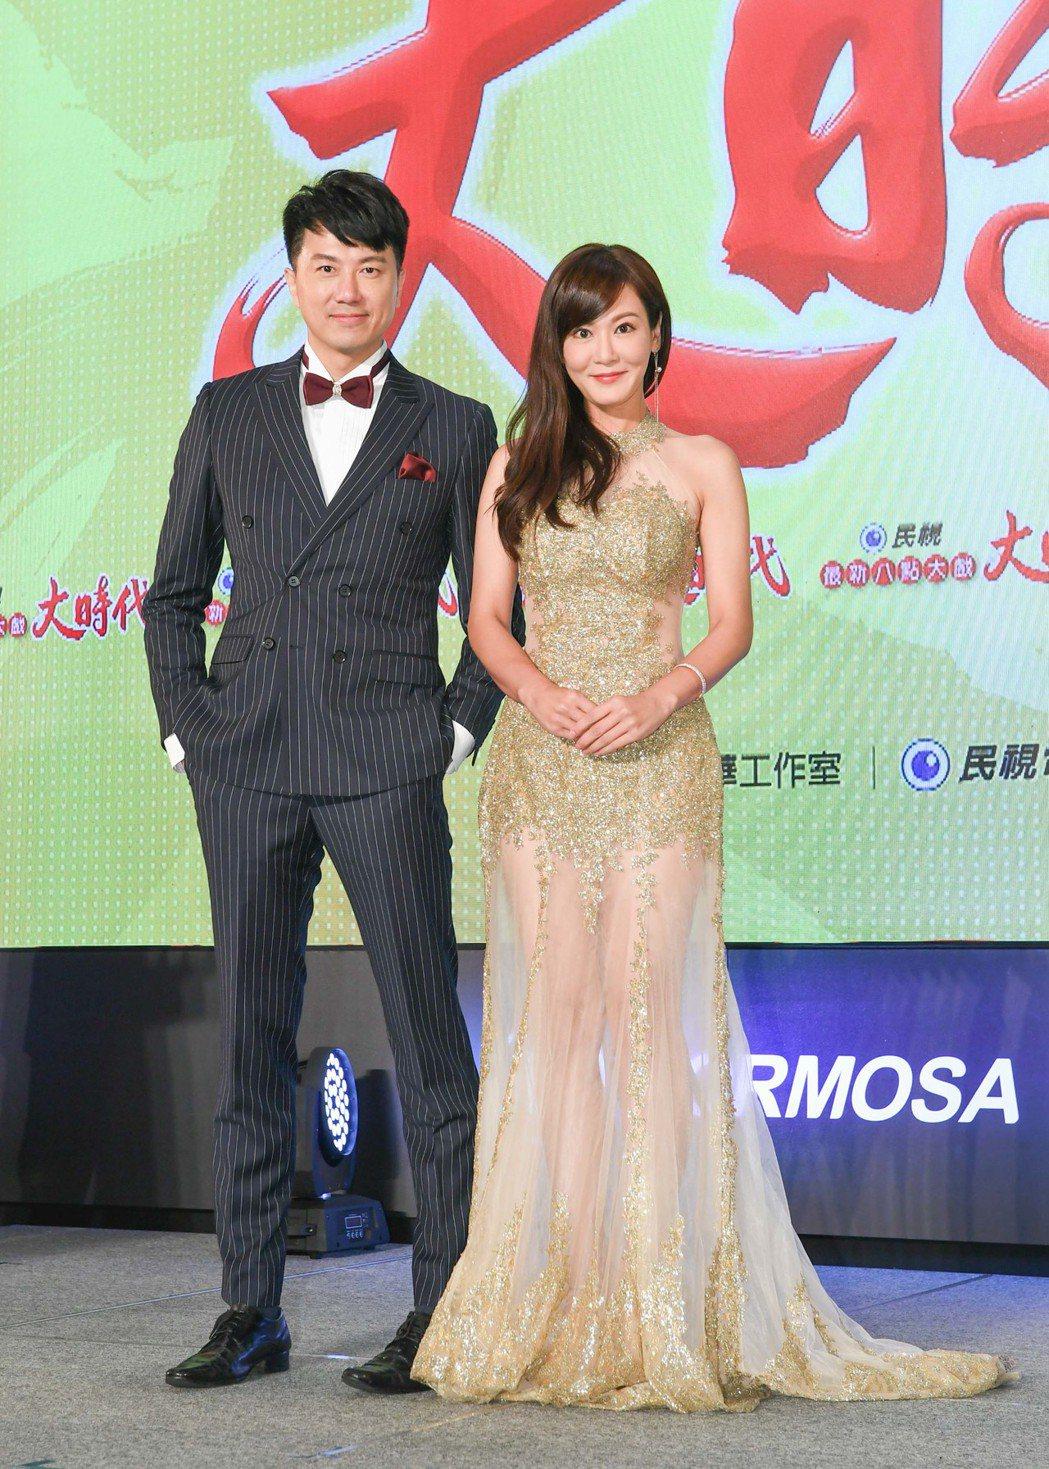 邱琦雯、吳皓昇搭檔演出「大時代」。圖/民視提供